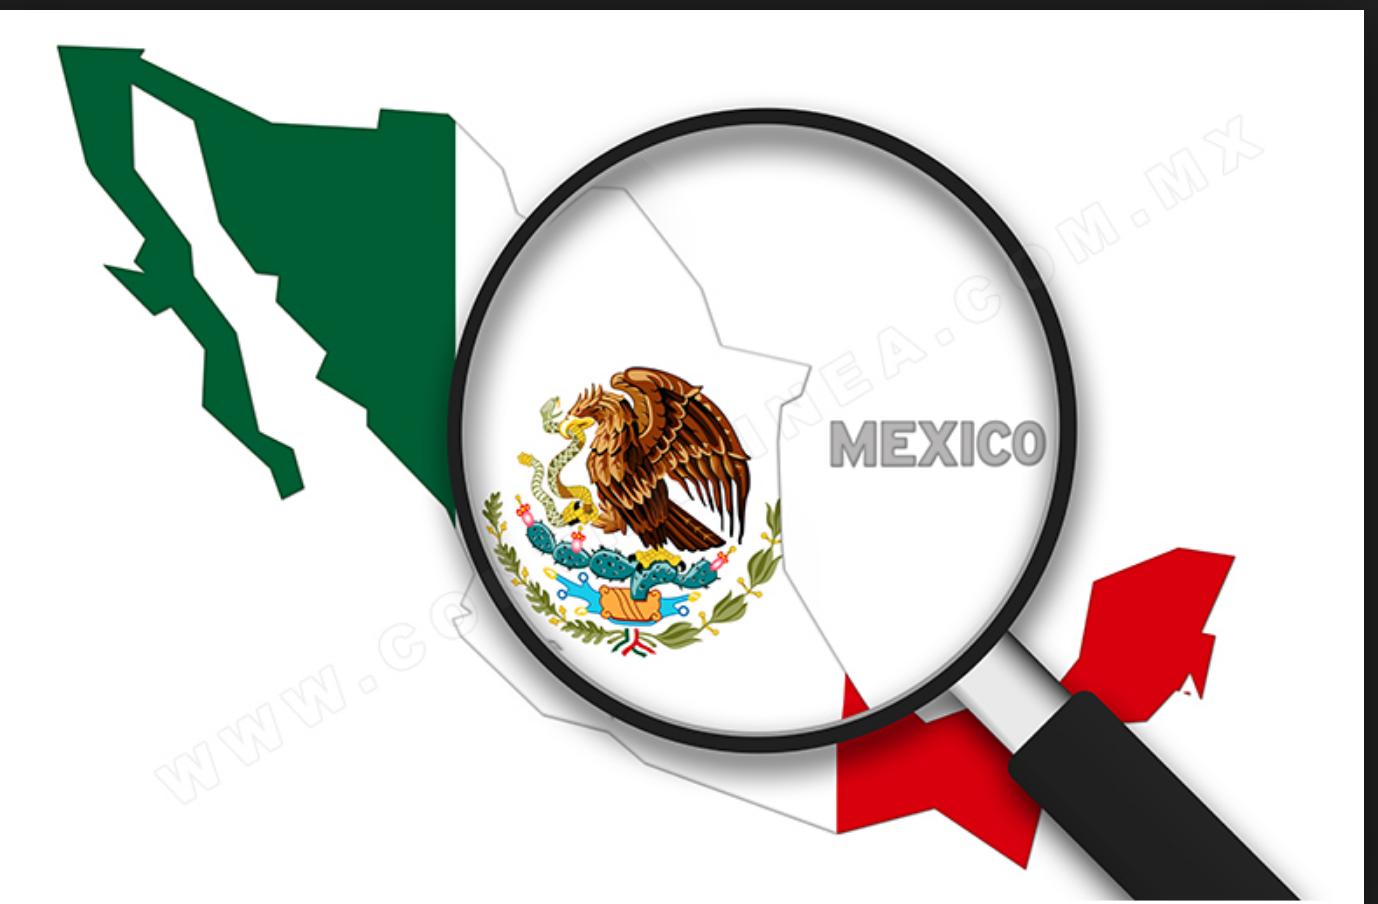 NUESTRA ESTABILIDAD NACIONAL Y NUESTRAS RELACIONES INTERNACIONALES EXIGEN ALTA FIDELIDAD